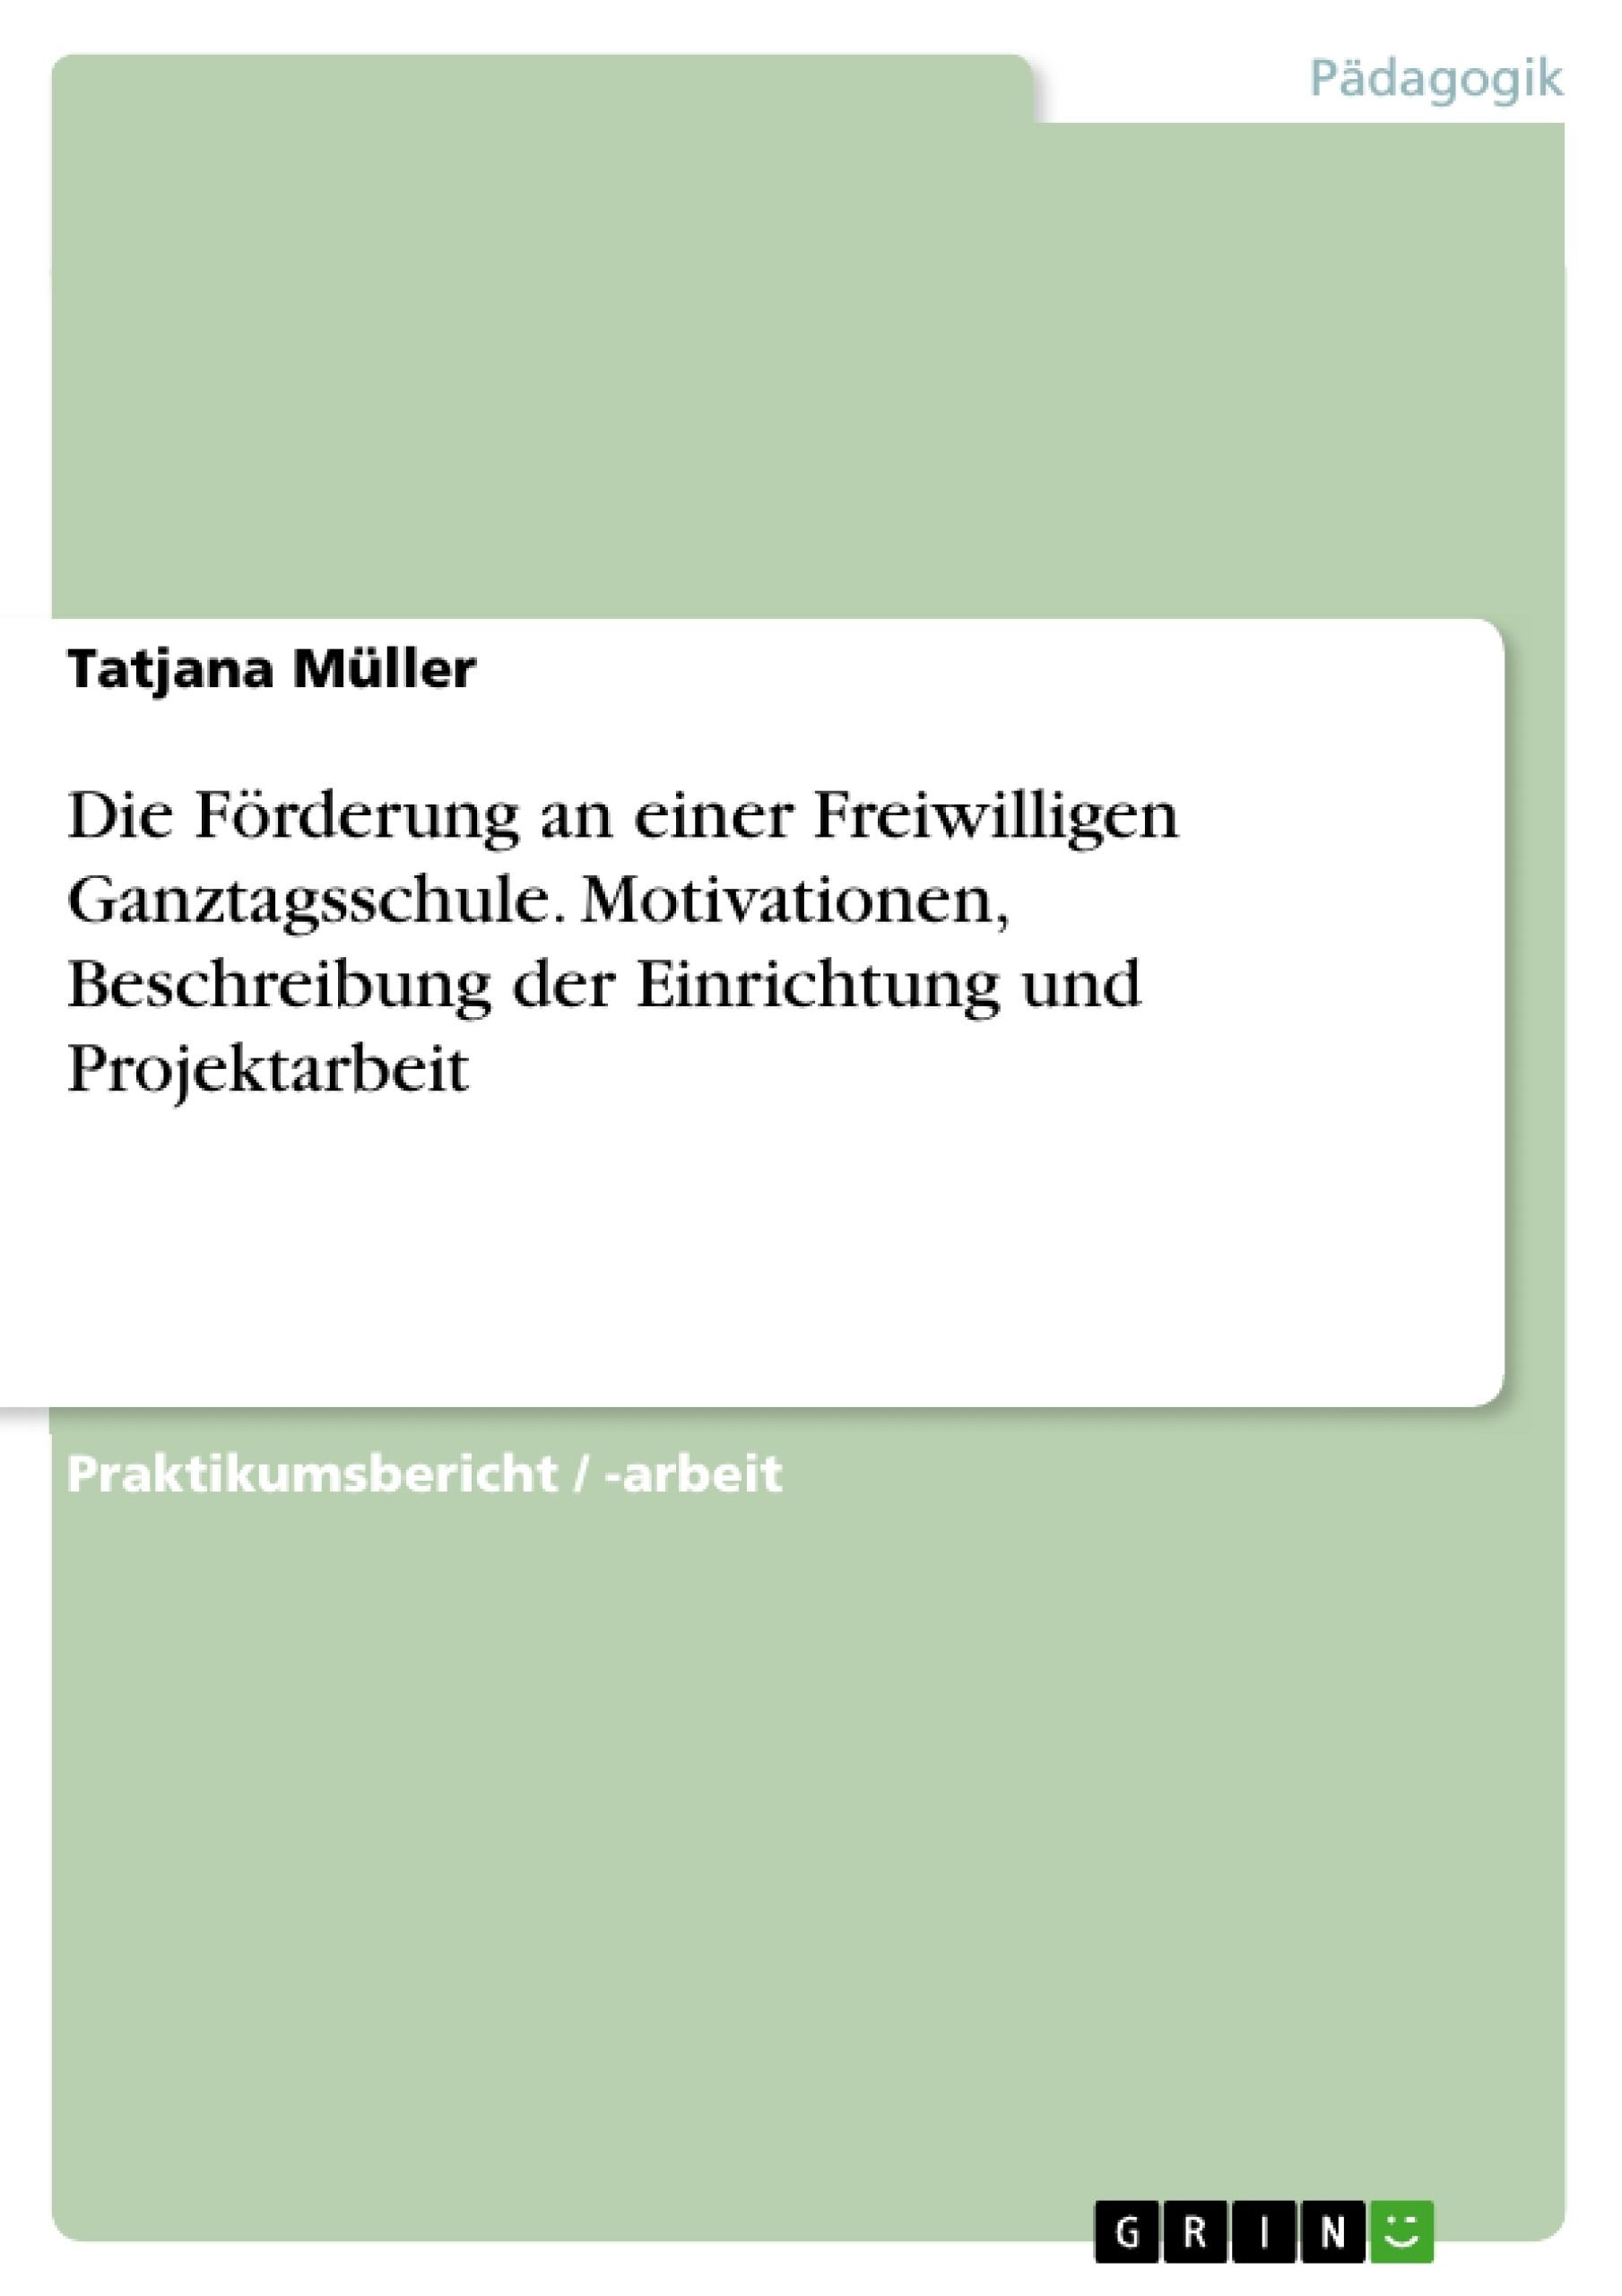 Titel: Die Förderung an einer Freiwilligen Ganztagsschule. Motivationen, Beschreibung der Einrichtung und Projektarbeit